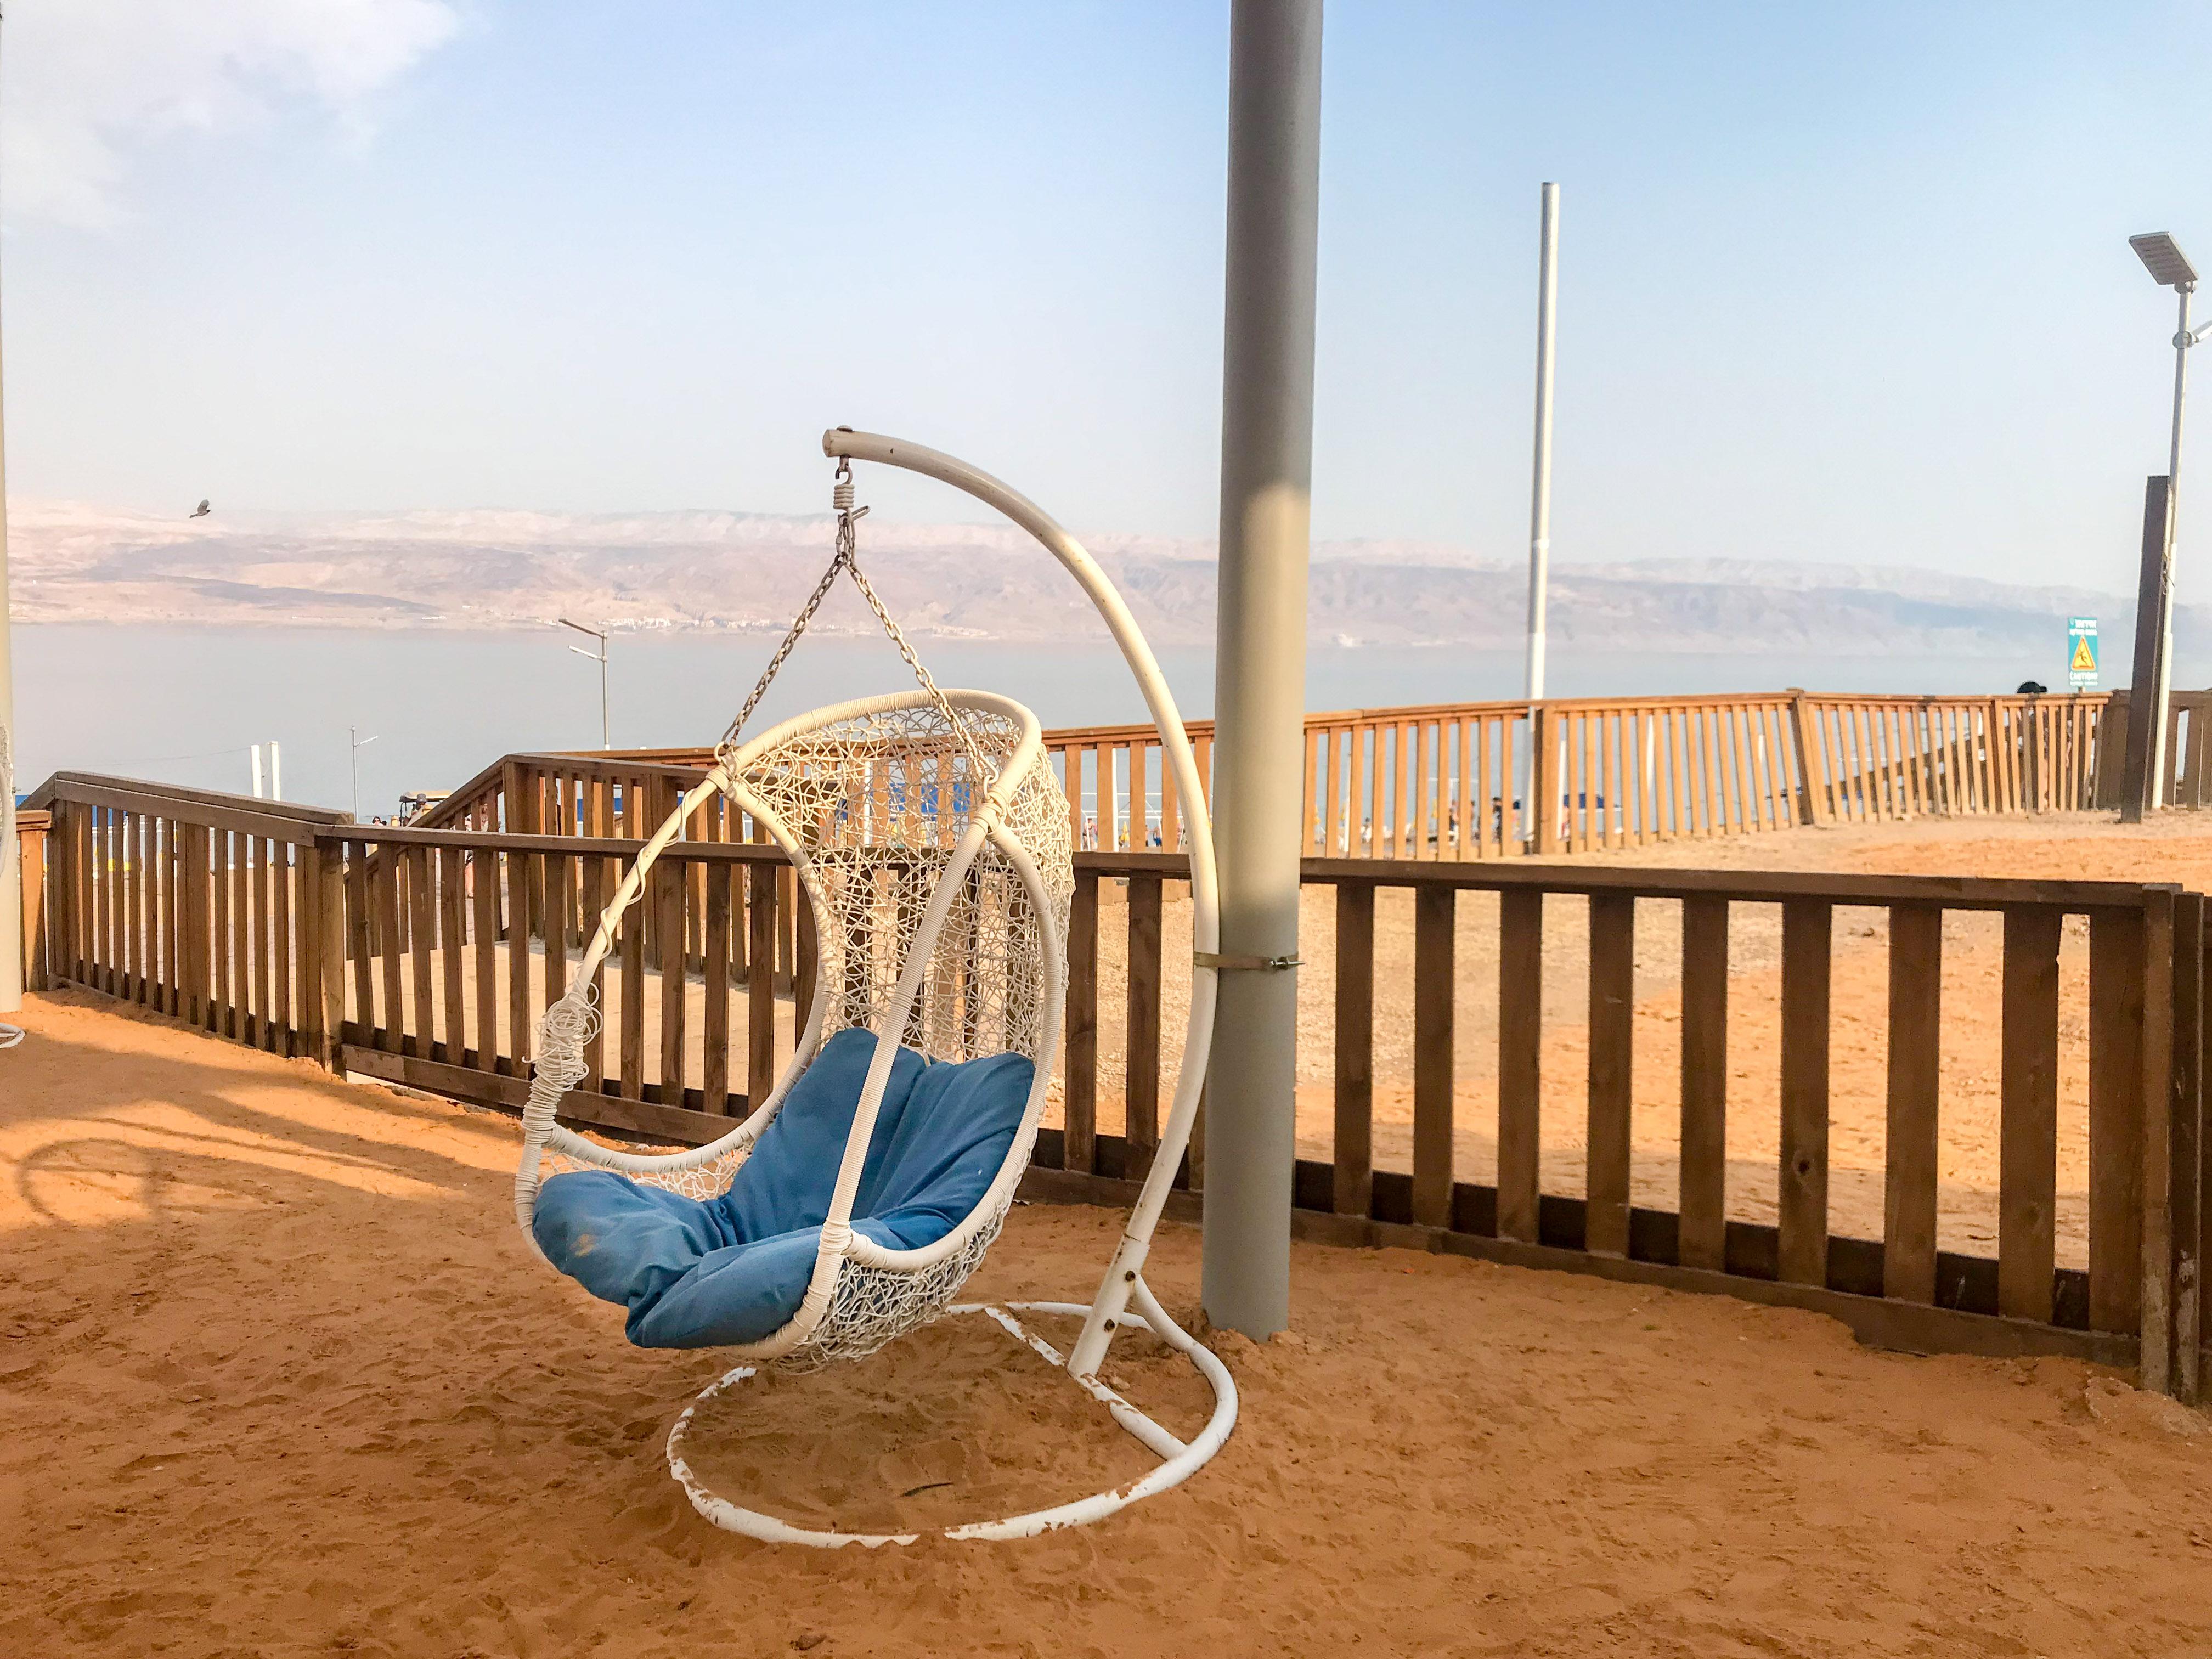 Jerusalem Kids - Dead Sea Day Trip